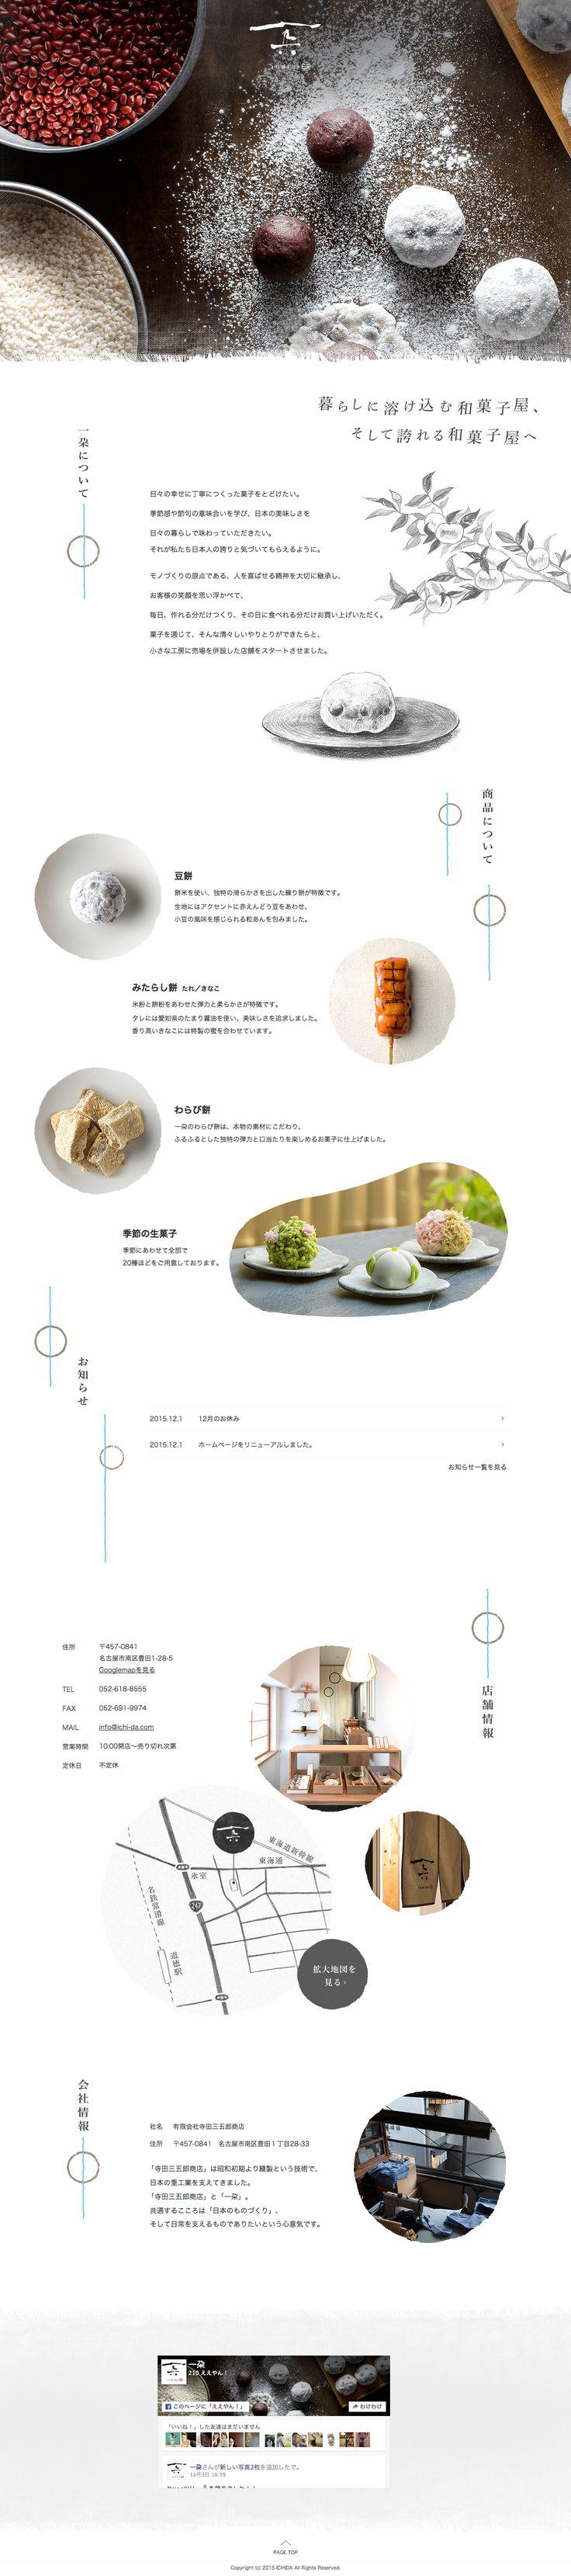 一朶 ICHIDA | 名古屋市南区豊田にある和菓子屋です